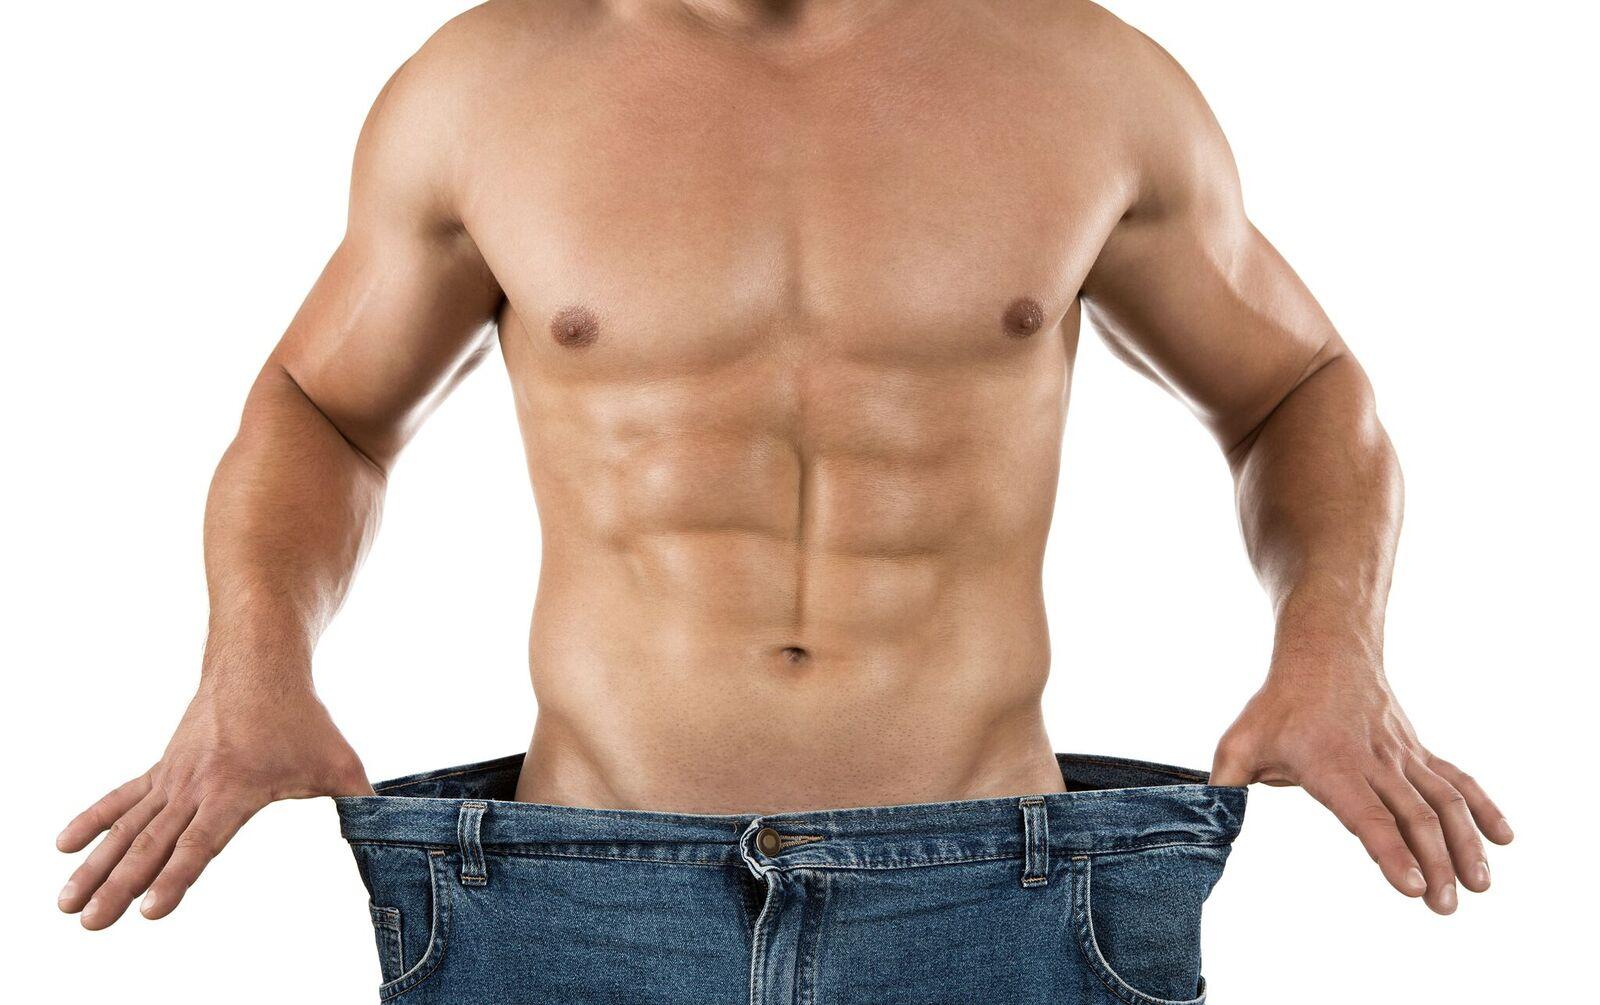 Срочно Похудеть Мужчине. Как похудеть мужчине: правила питания и тренировок